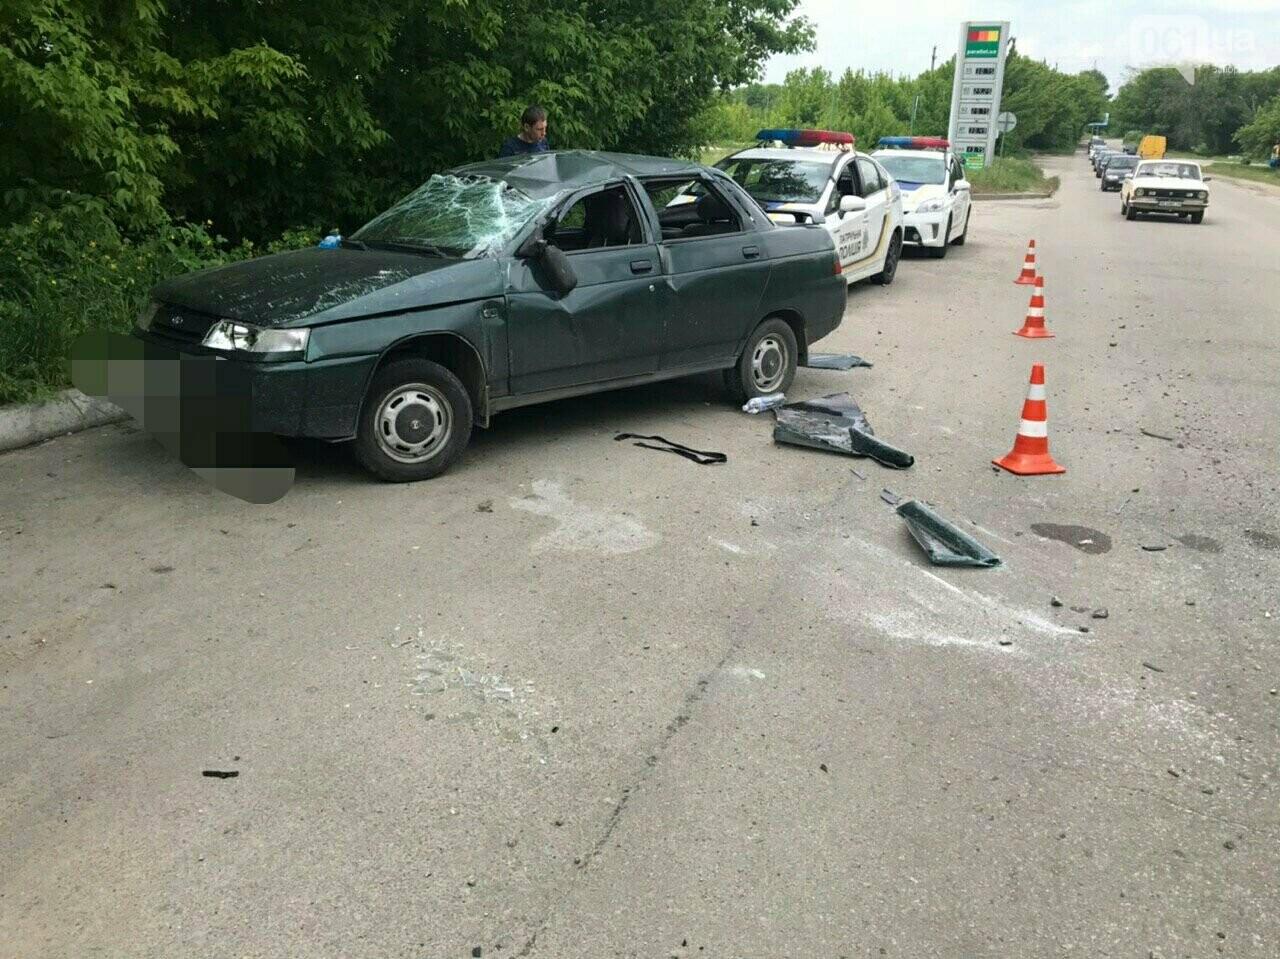 ДТП на Юбилейной в Запорожье: машина дважды перевернулась в воздухе - в ней были дети, - ВИДЕО, ФОТО, фото-2